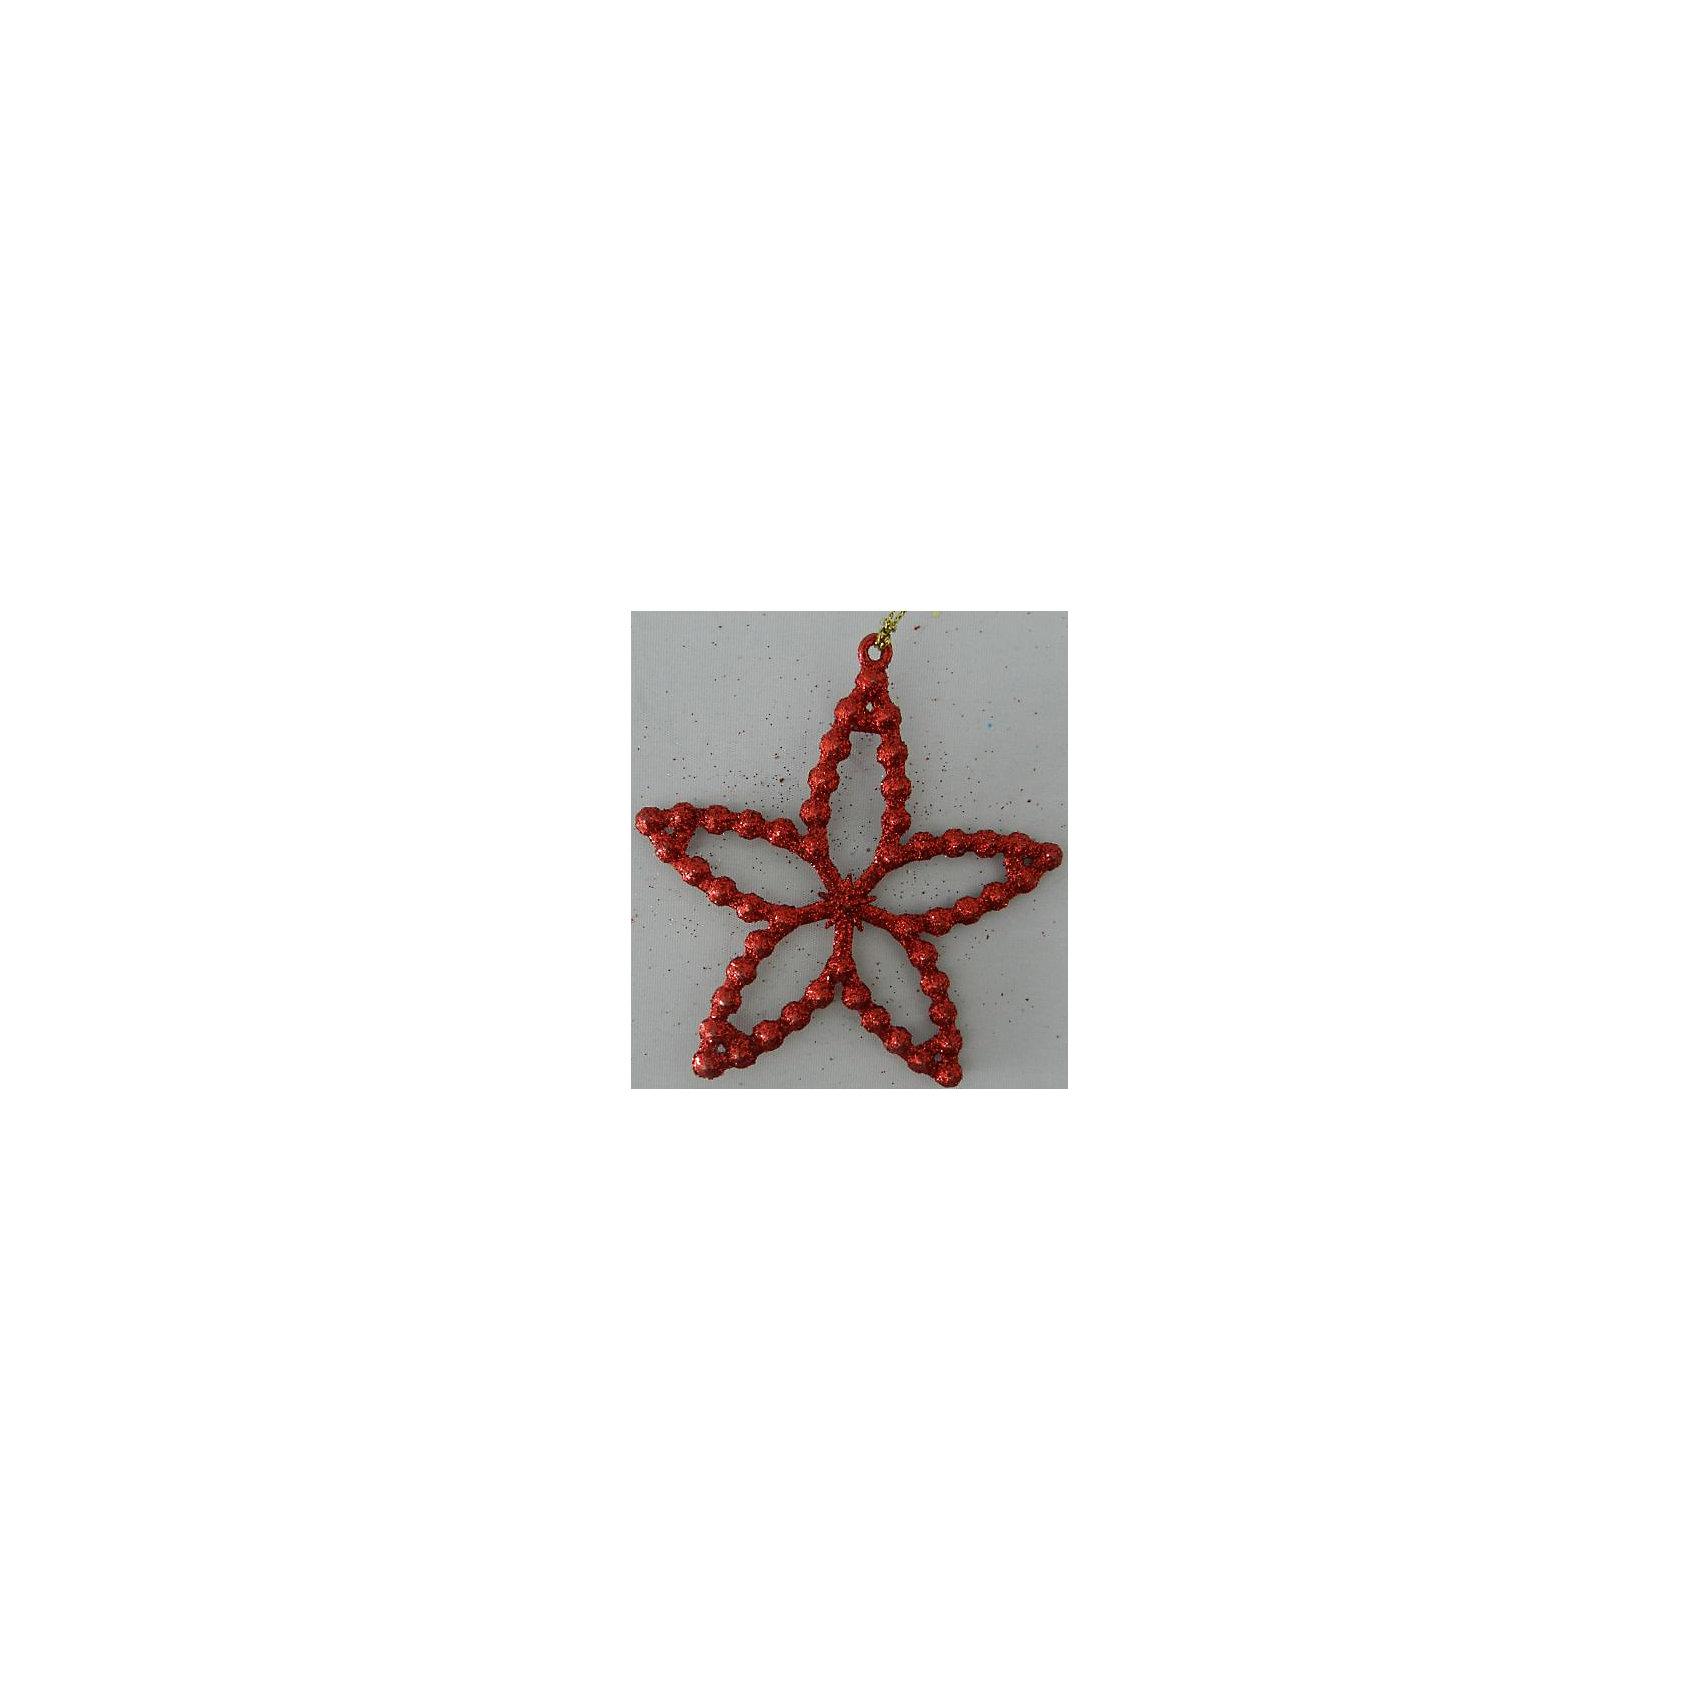 Украшение Красная звездочкаНовый год - самый любимый праздник у многих детей и взрослых. Праздничное настроение создает в первую очередь украшенный дом и, особенно, наряженная ёлка. Будь она из леса или искусственная - такая подвесная игрушка украсит любую!<br>Она сделана из безопасного для детей, прочного, но легкого, материала, поэтому не разобьется, упав на пол. Благодаря расцветке украшение отлично смотрится на ёлке. Создайте с ним праздничное настроение себе и близким!<br><br>Дополнительная информация:<br><br>цвет: красный;<br>материал: полипропилен;<br>размер: 10 см.<br><br>Украшение Красная звездочка можно купить в нашем магазине.<br><br>Ширина мм: 120<br>Глубина мм: 120<br>Высота мм: 60<br>Вес г: 280<br>Возраст от месяцев: 36<br>Возраст до месяцев: 2147483647<br>Пол: Унисекс<br>Возраст: Детский<br>SKU: 4981340